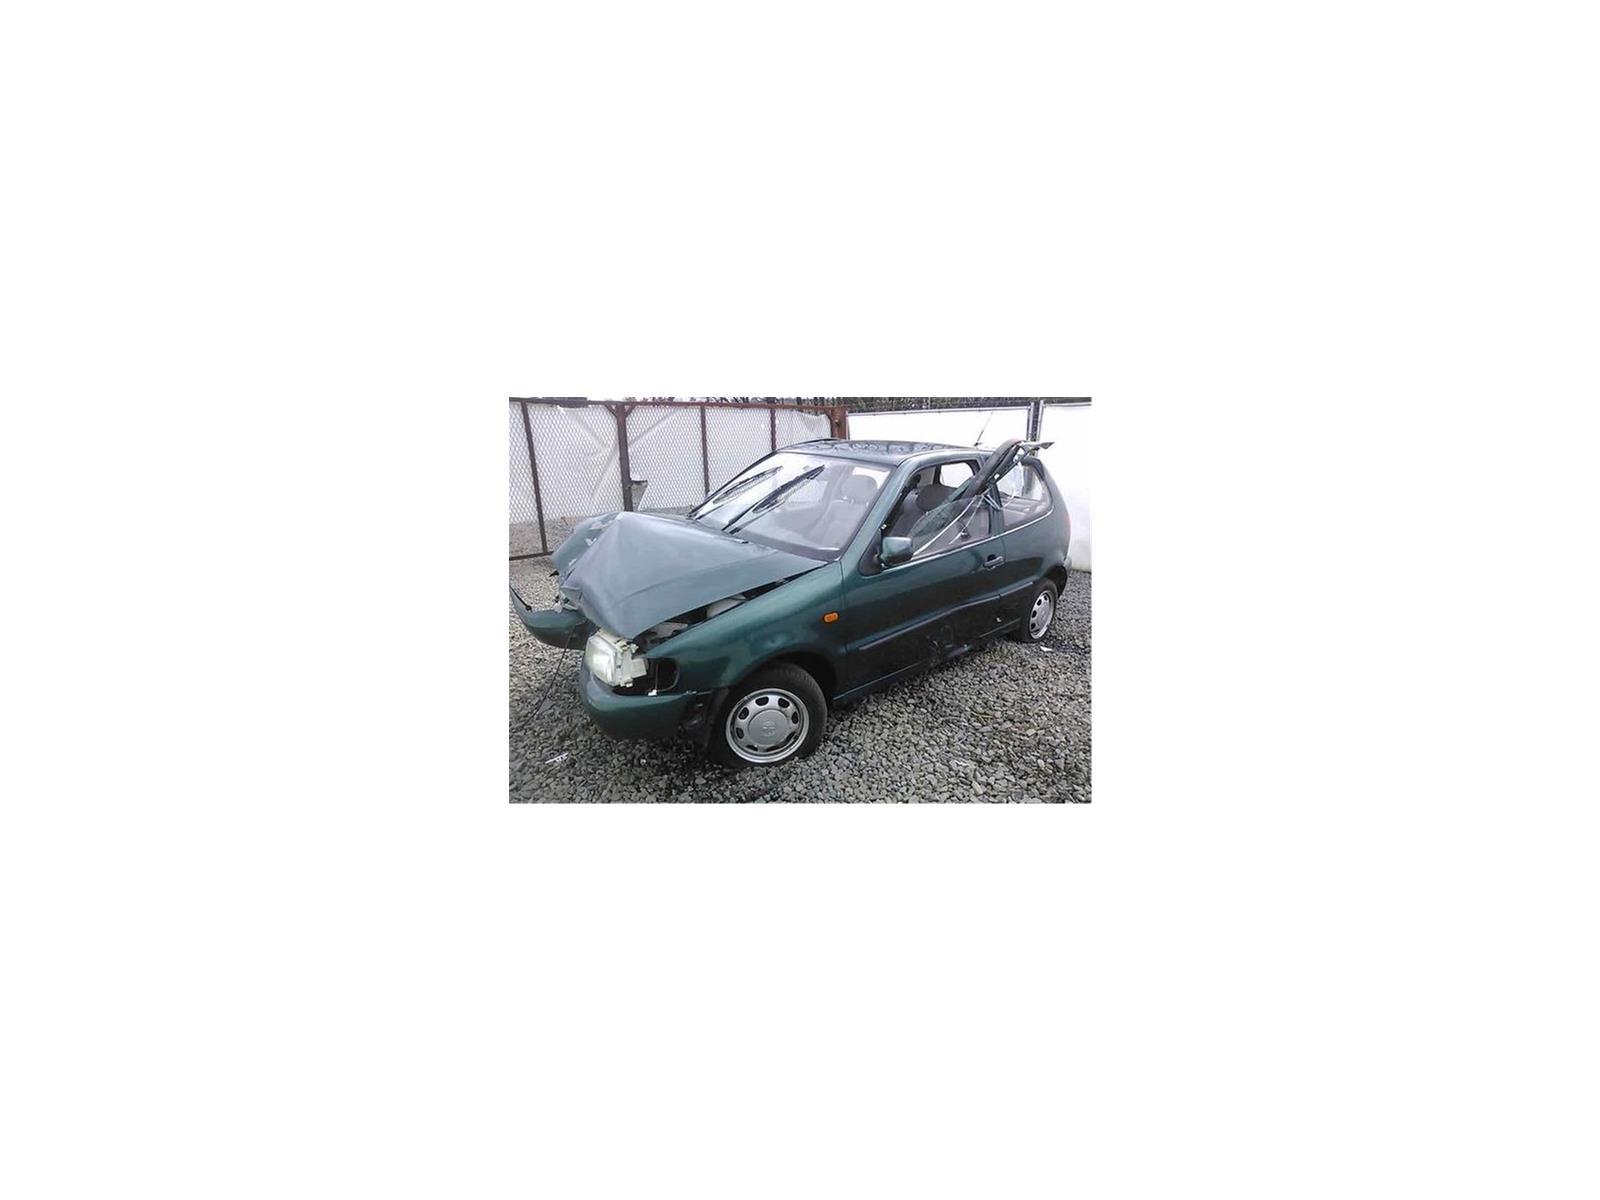 hight resolution of volkswagen polo 1994 to 2000 3 door hatchback